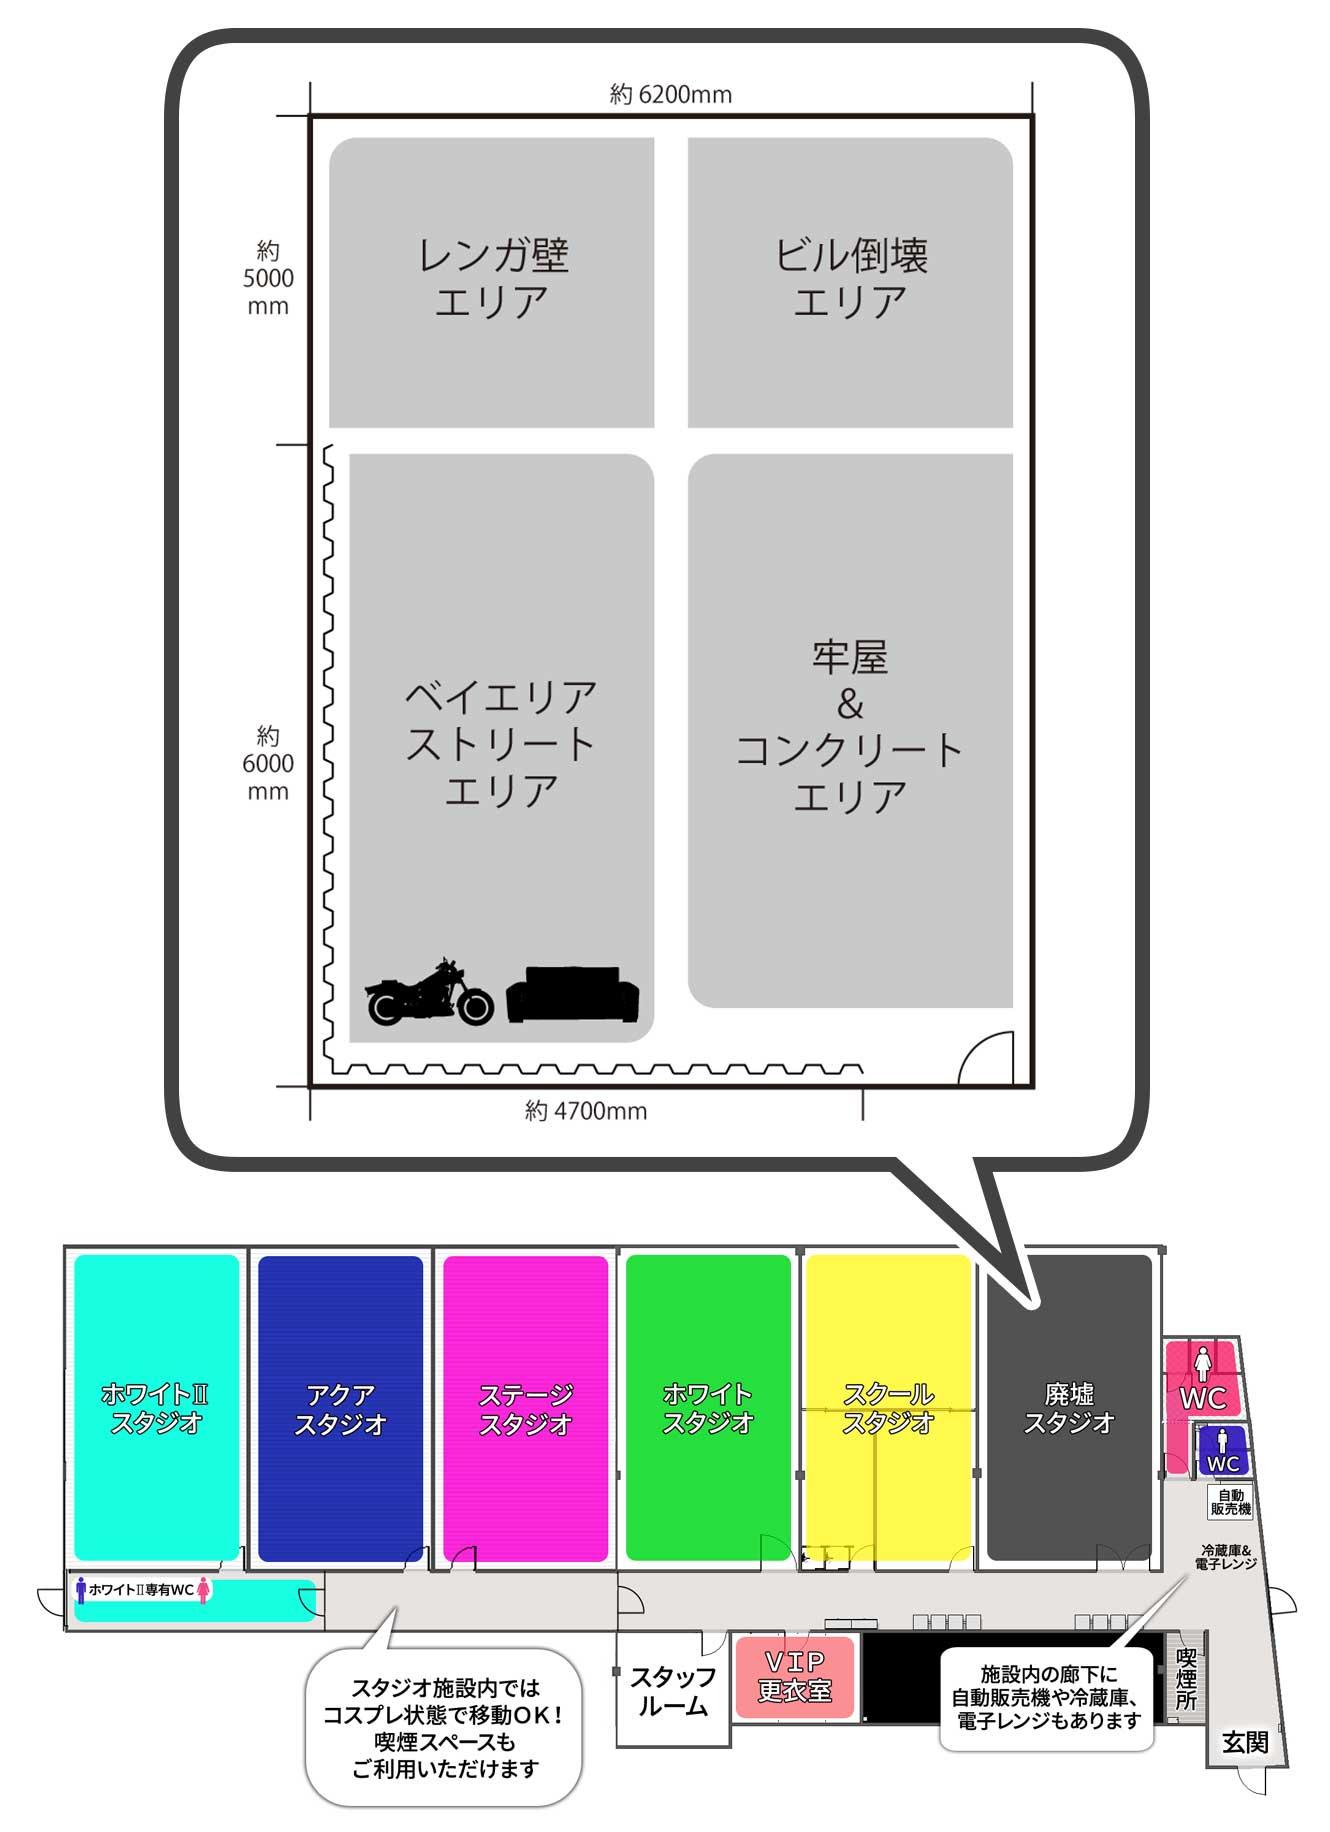 新大阪店廃墟スタジオ